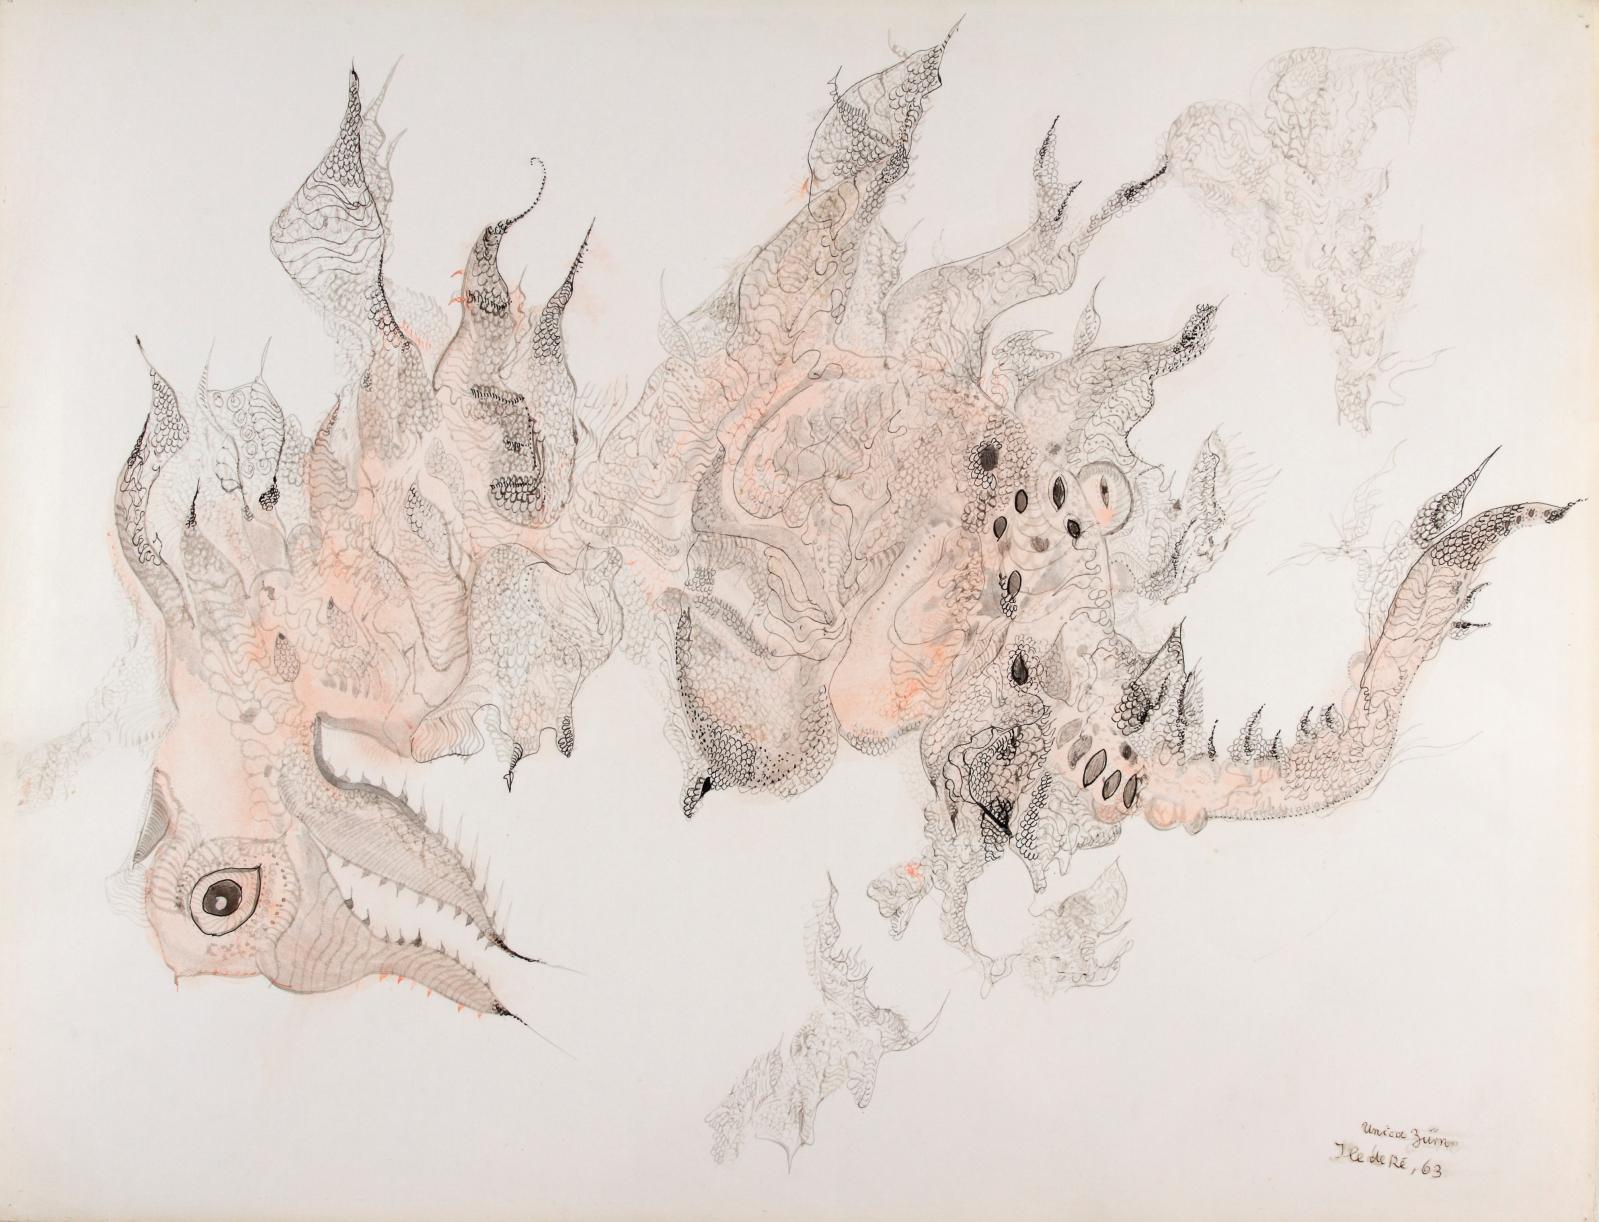 Unica Zürn, Ile de Ré, 1963, encre et gouache sur papier, 50,2x65,4cm. Courtesy Ubu Gallery, New York